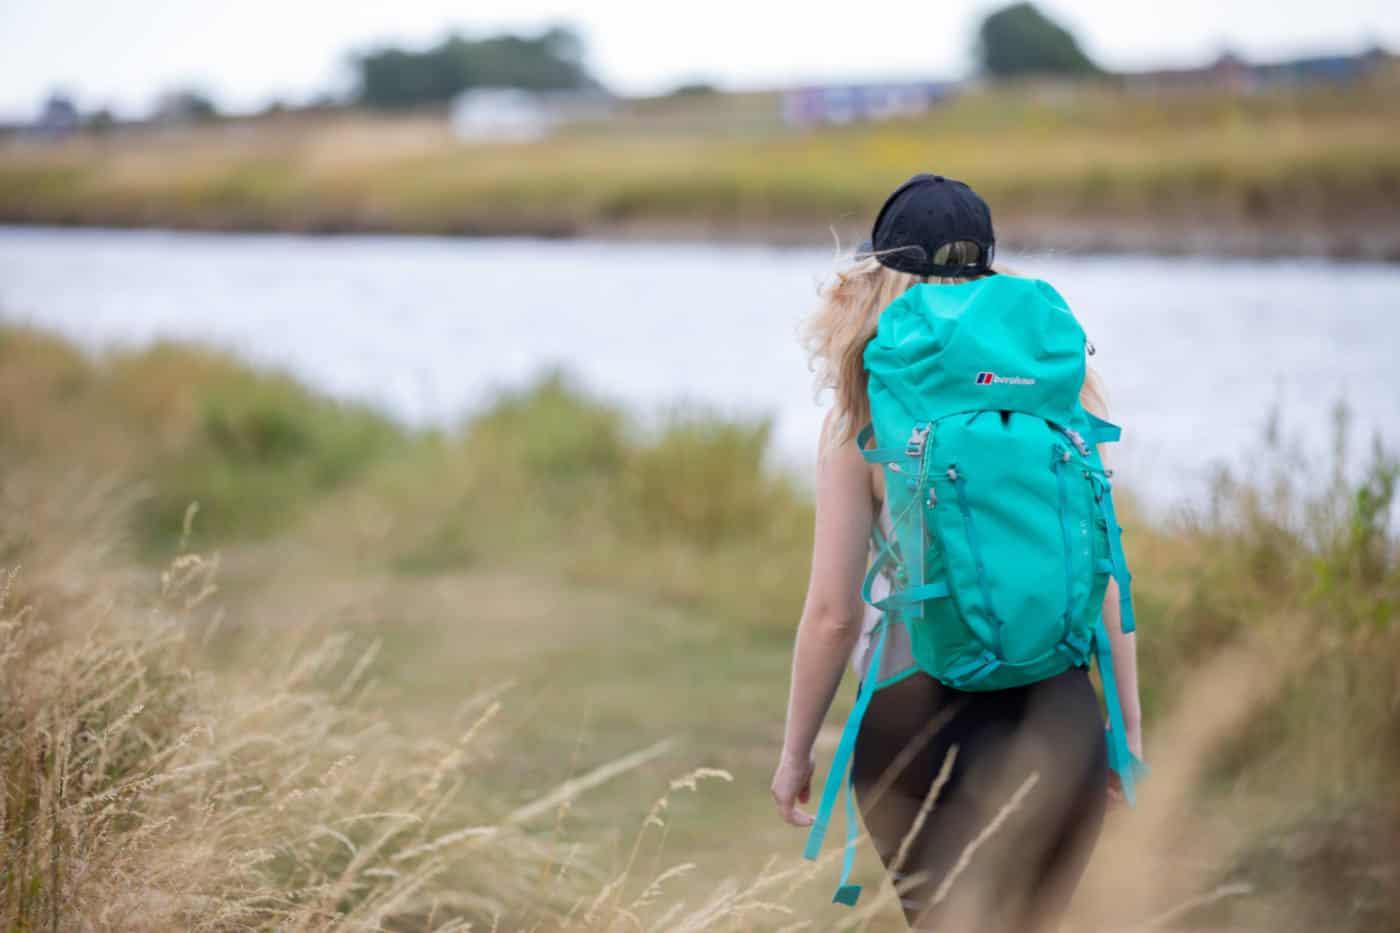 Berghaus Freeflow 25 35 Backpack for Women